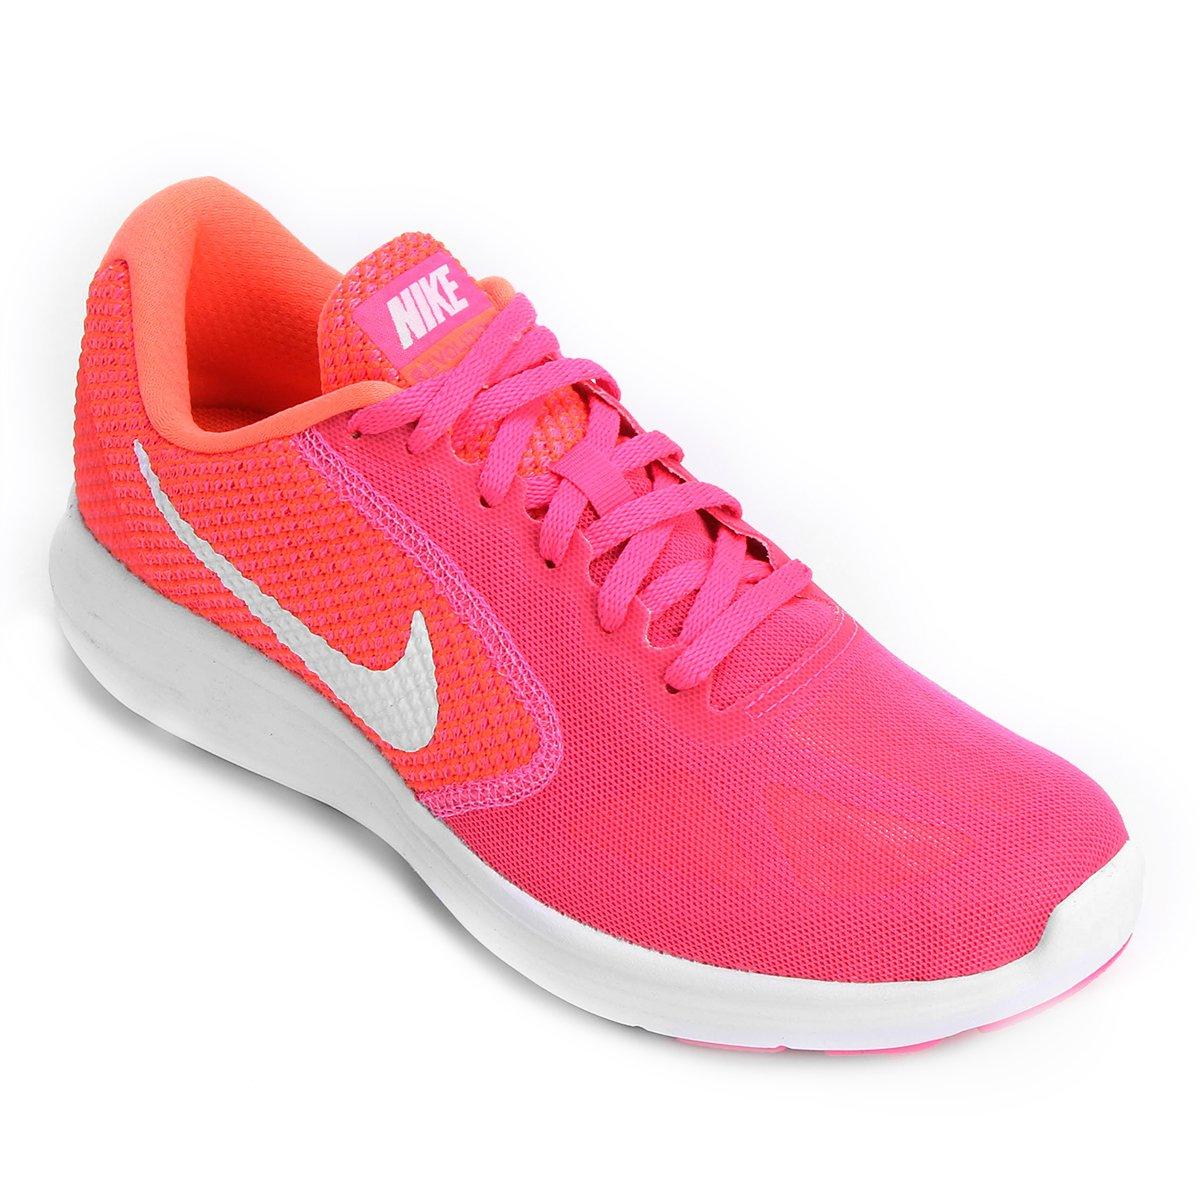 a5ad26019 Tênis Nike Revolution 3 Feminino - Compre Agora